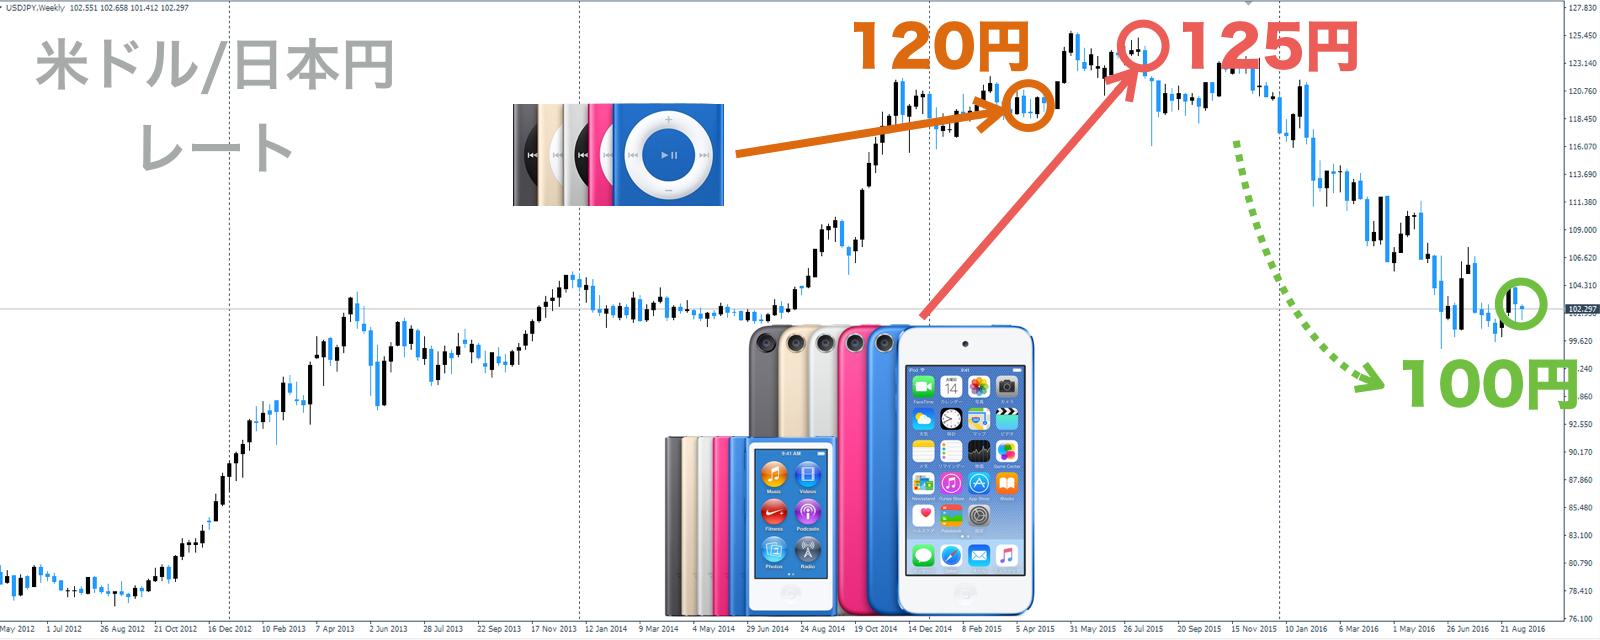 iPodシリーズ値下げとドル円レート